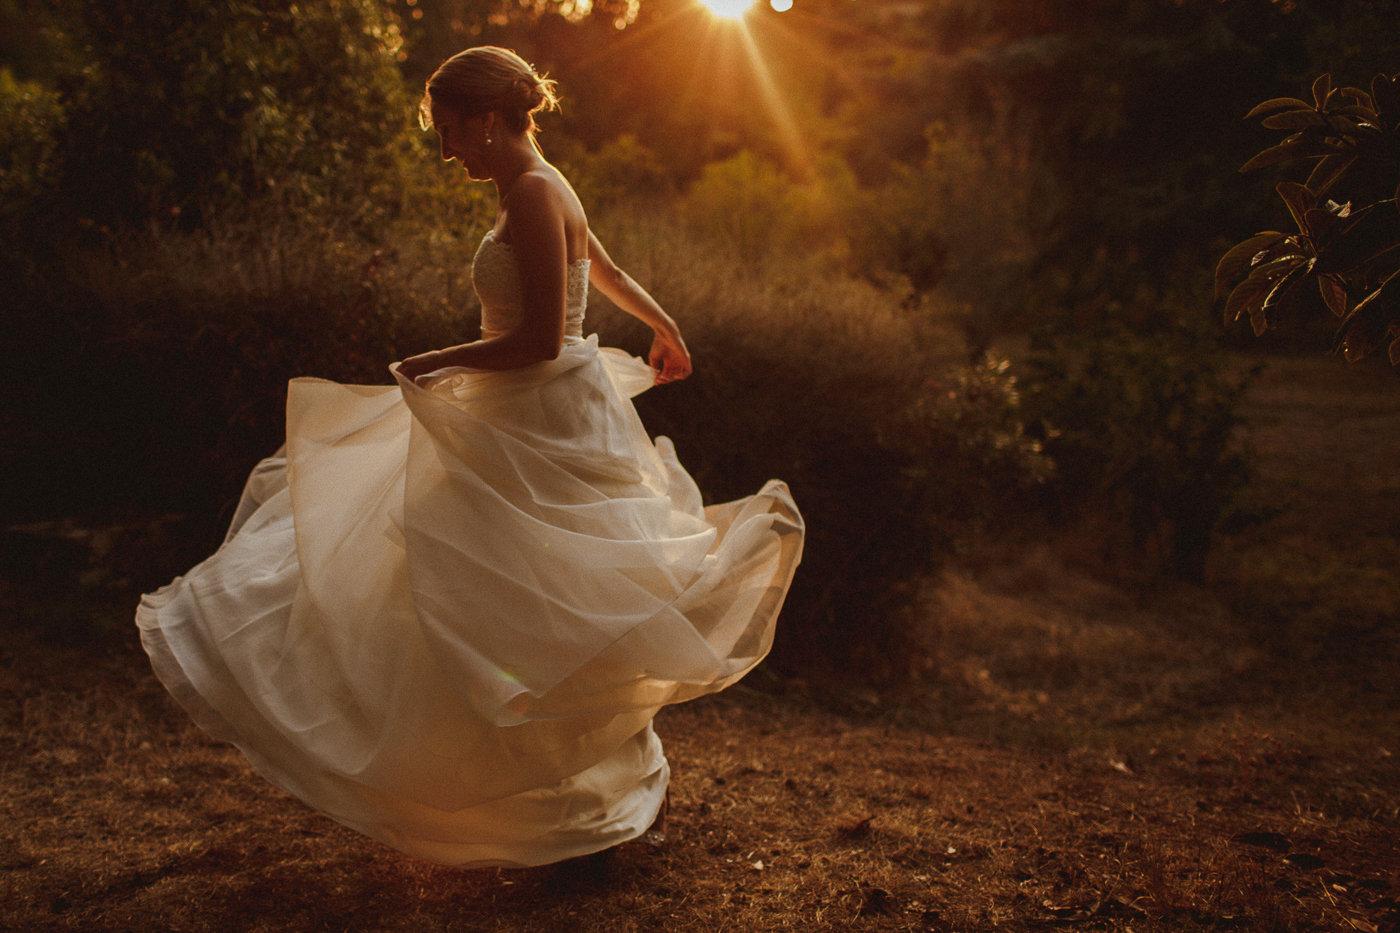 tenuta-di-bichi-borghesi-wedding-38.jpg